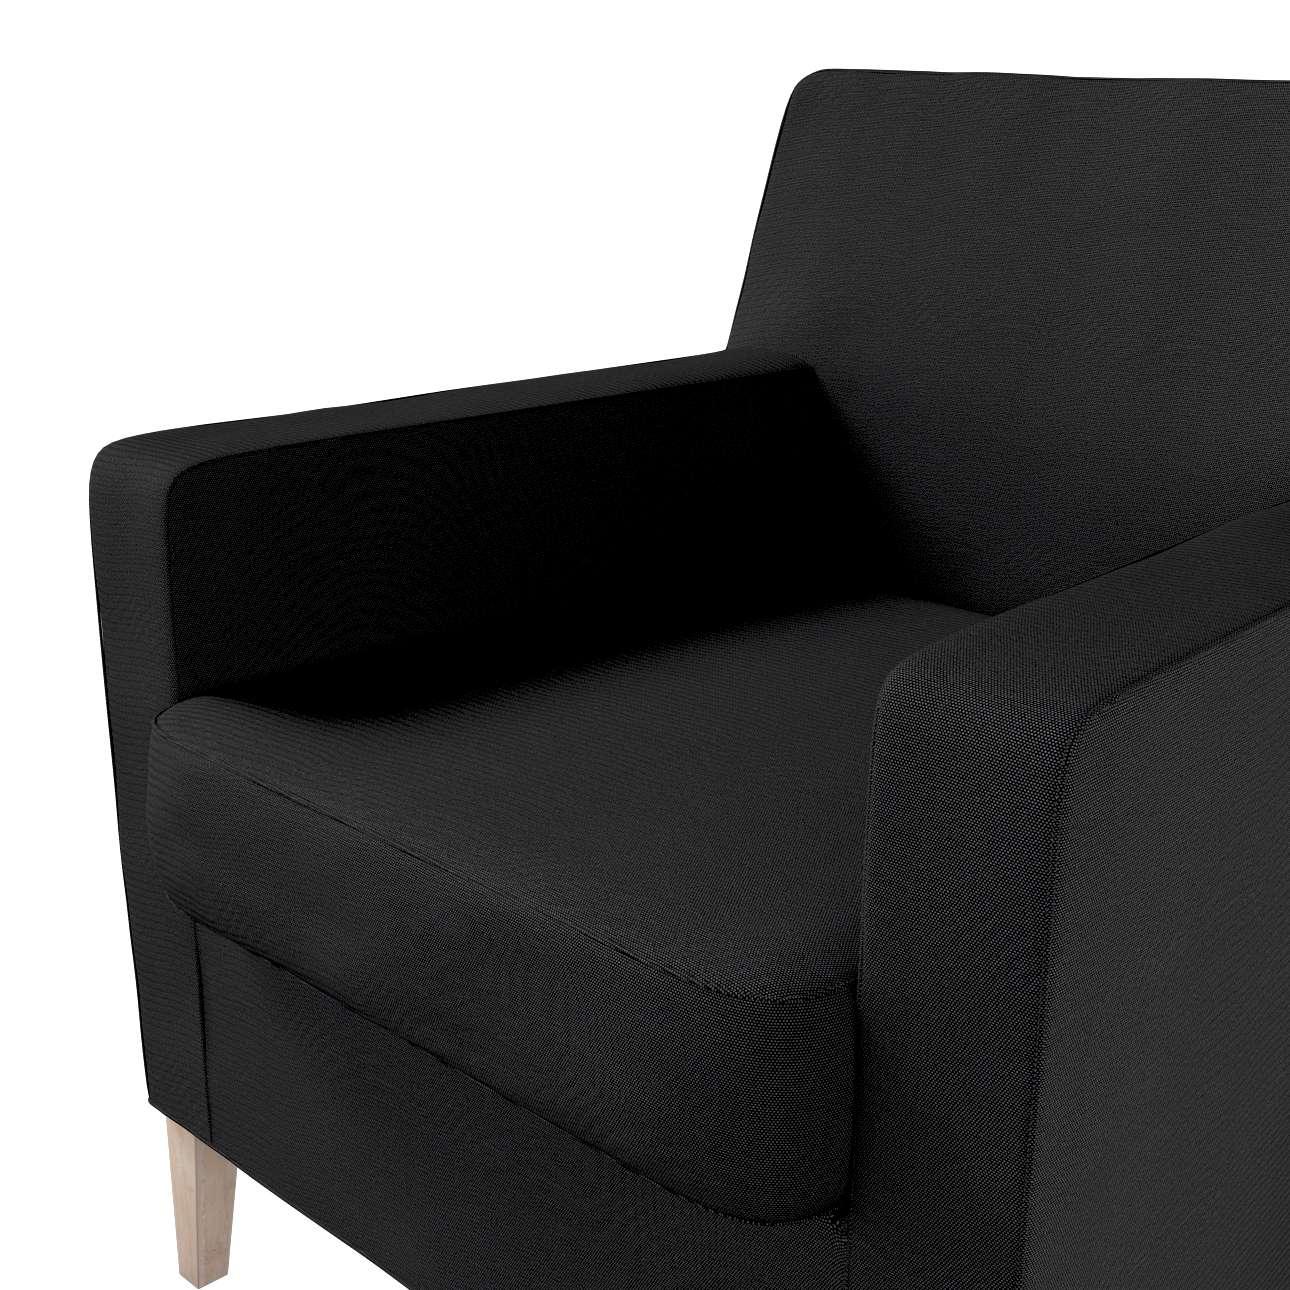 Pokrowiec na fotel Karlstad w kolekcji Etna, tkanina: 705-00